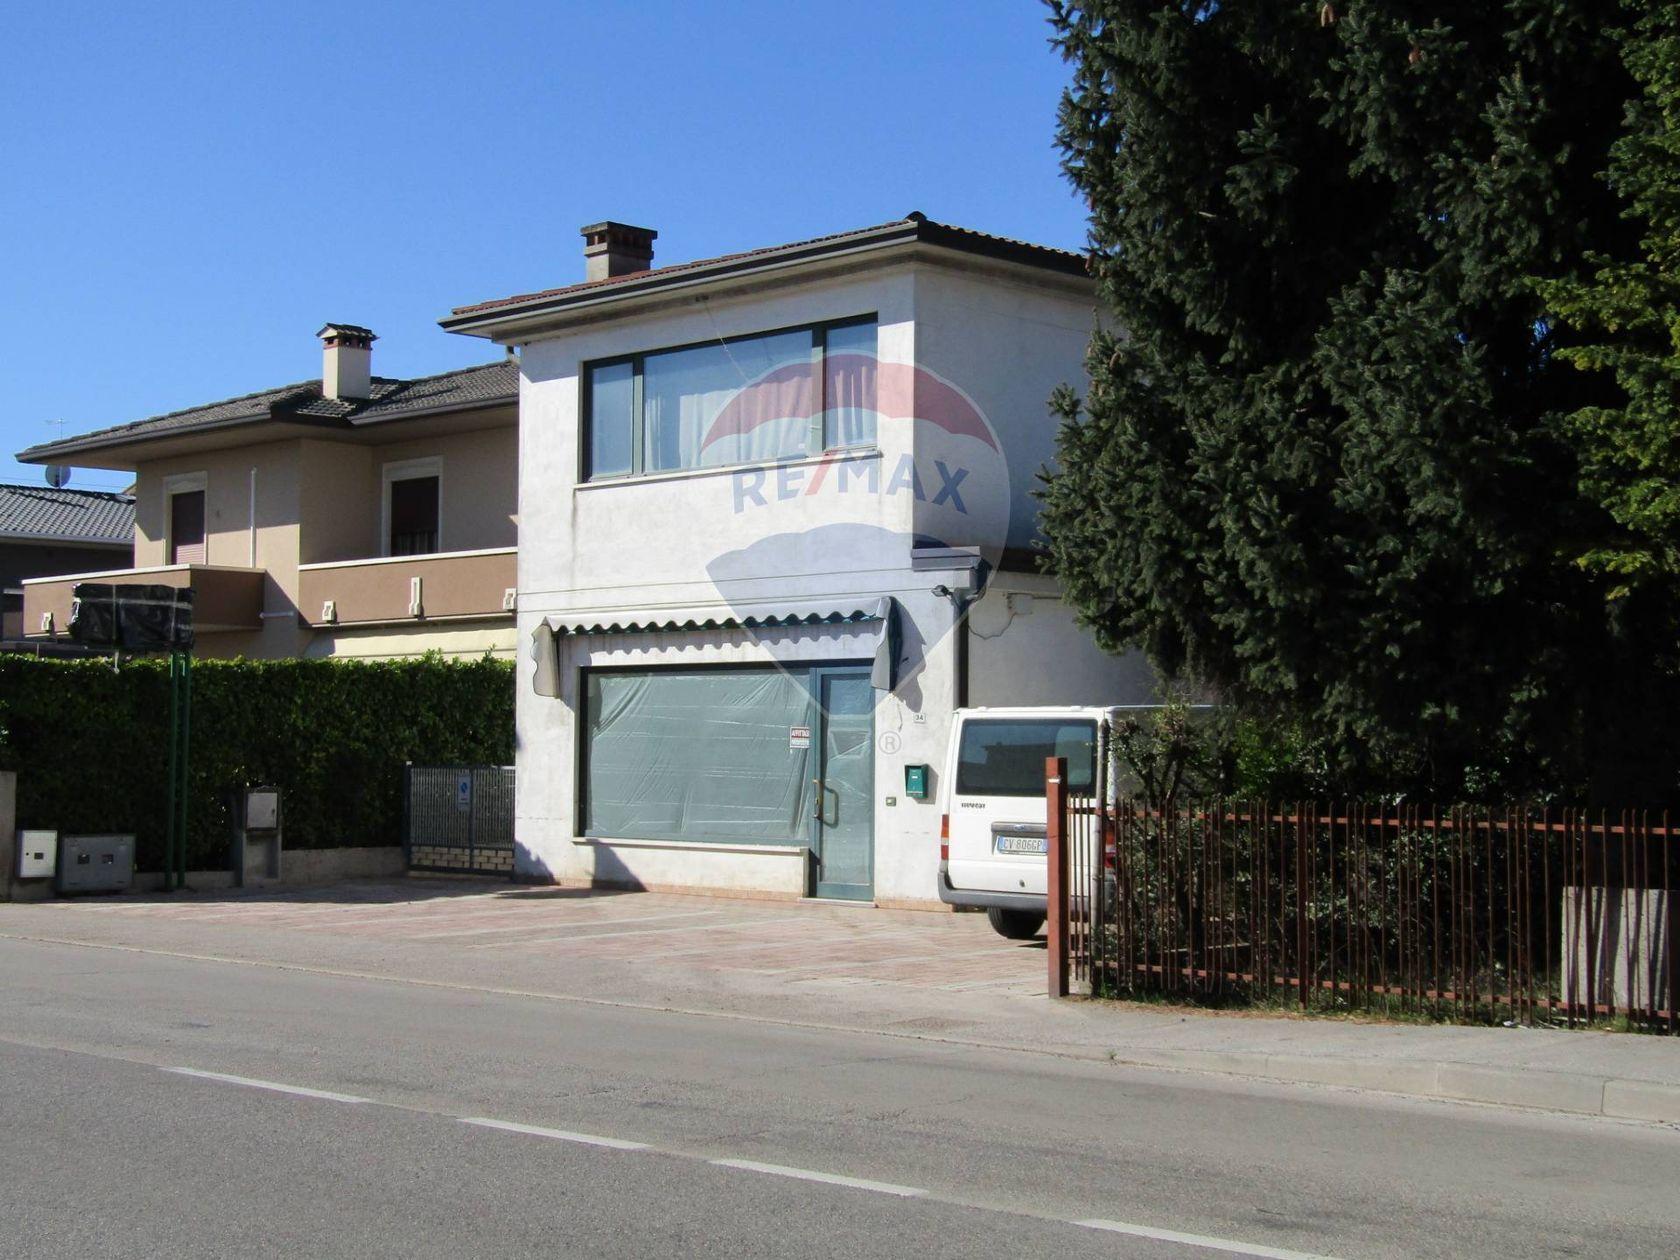 Locale commerciale in affitto montecchio precalcino for Affitto commerciale